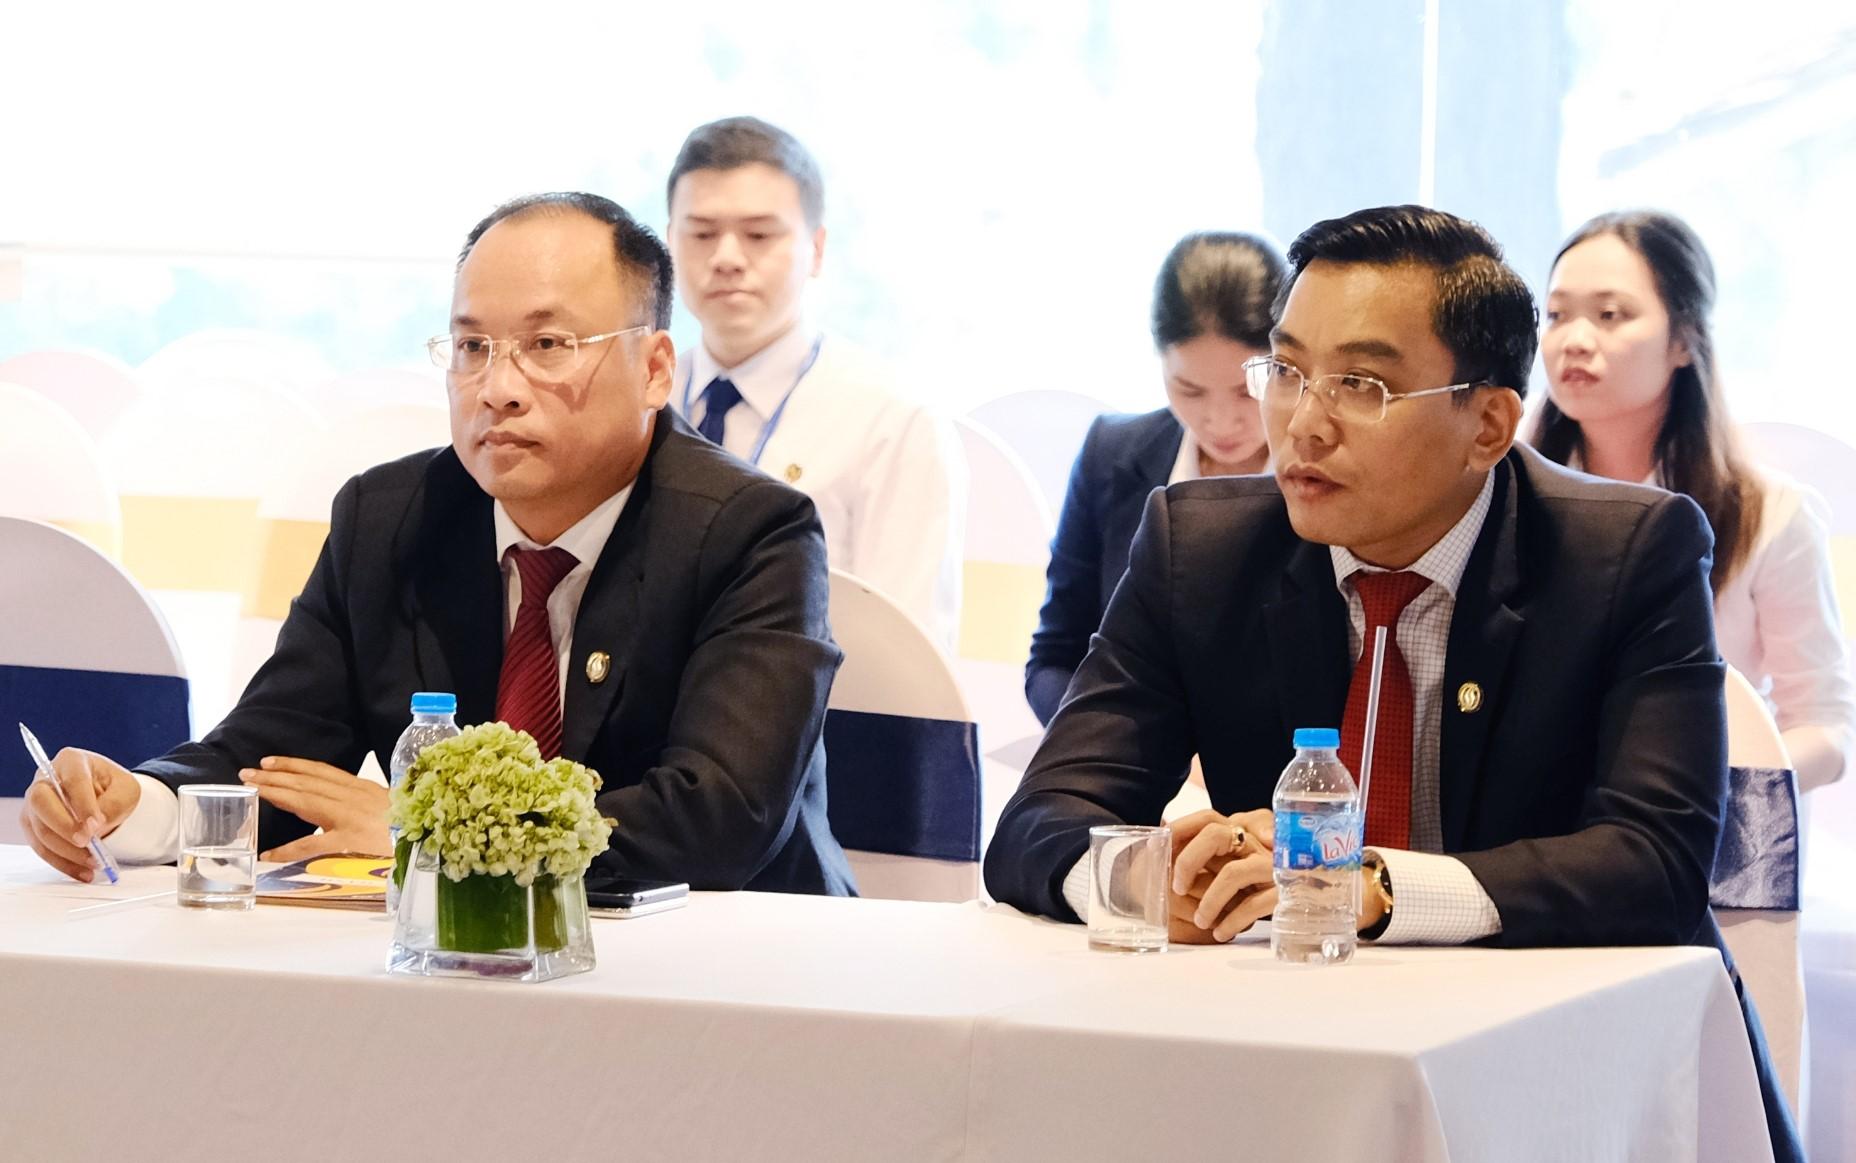 Chứng khoán Bảo Minh đặt kế hoạch năm 2021 thụt lùi